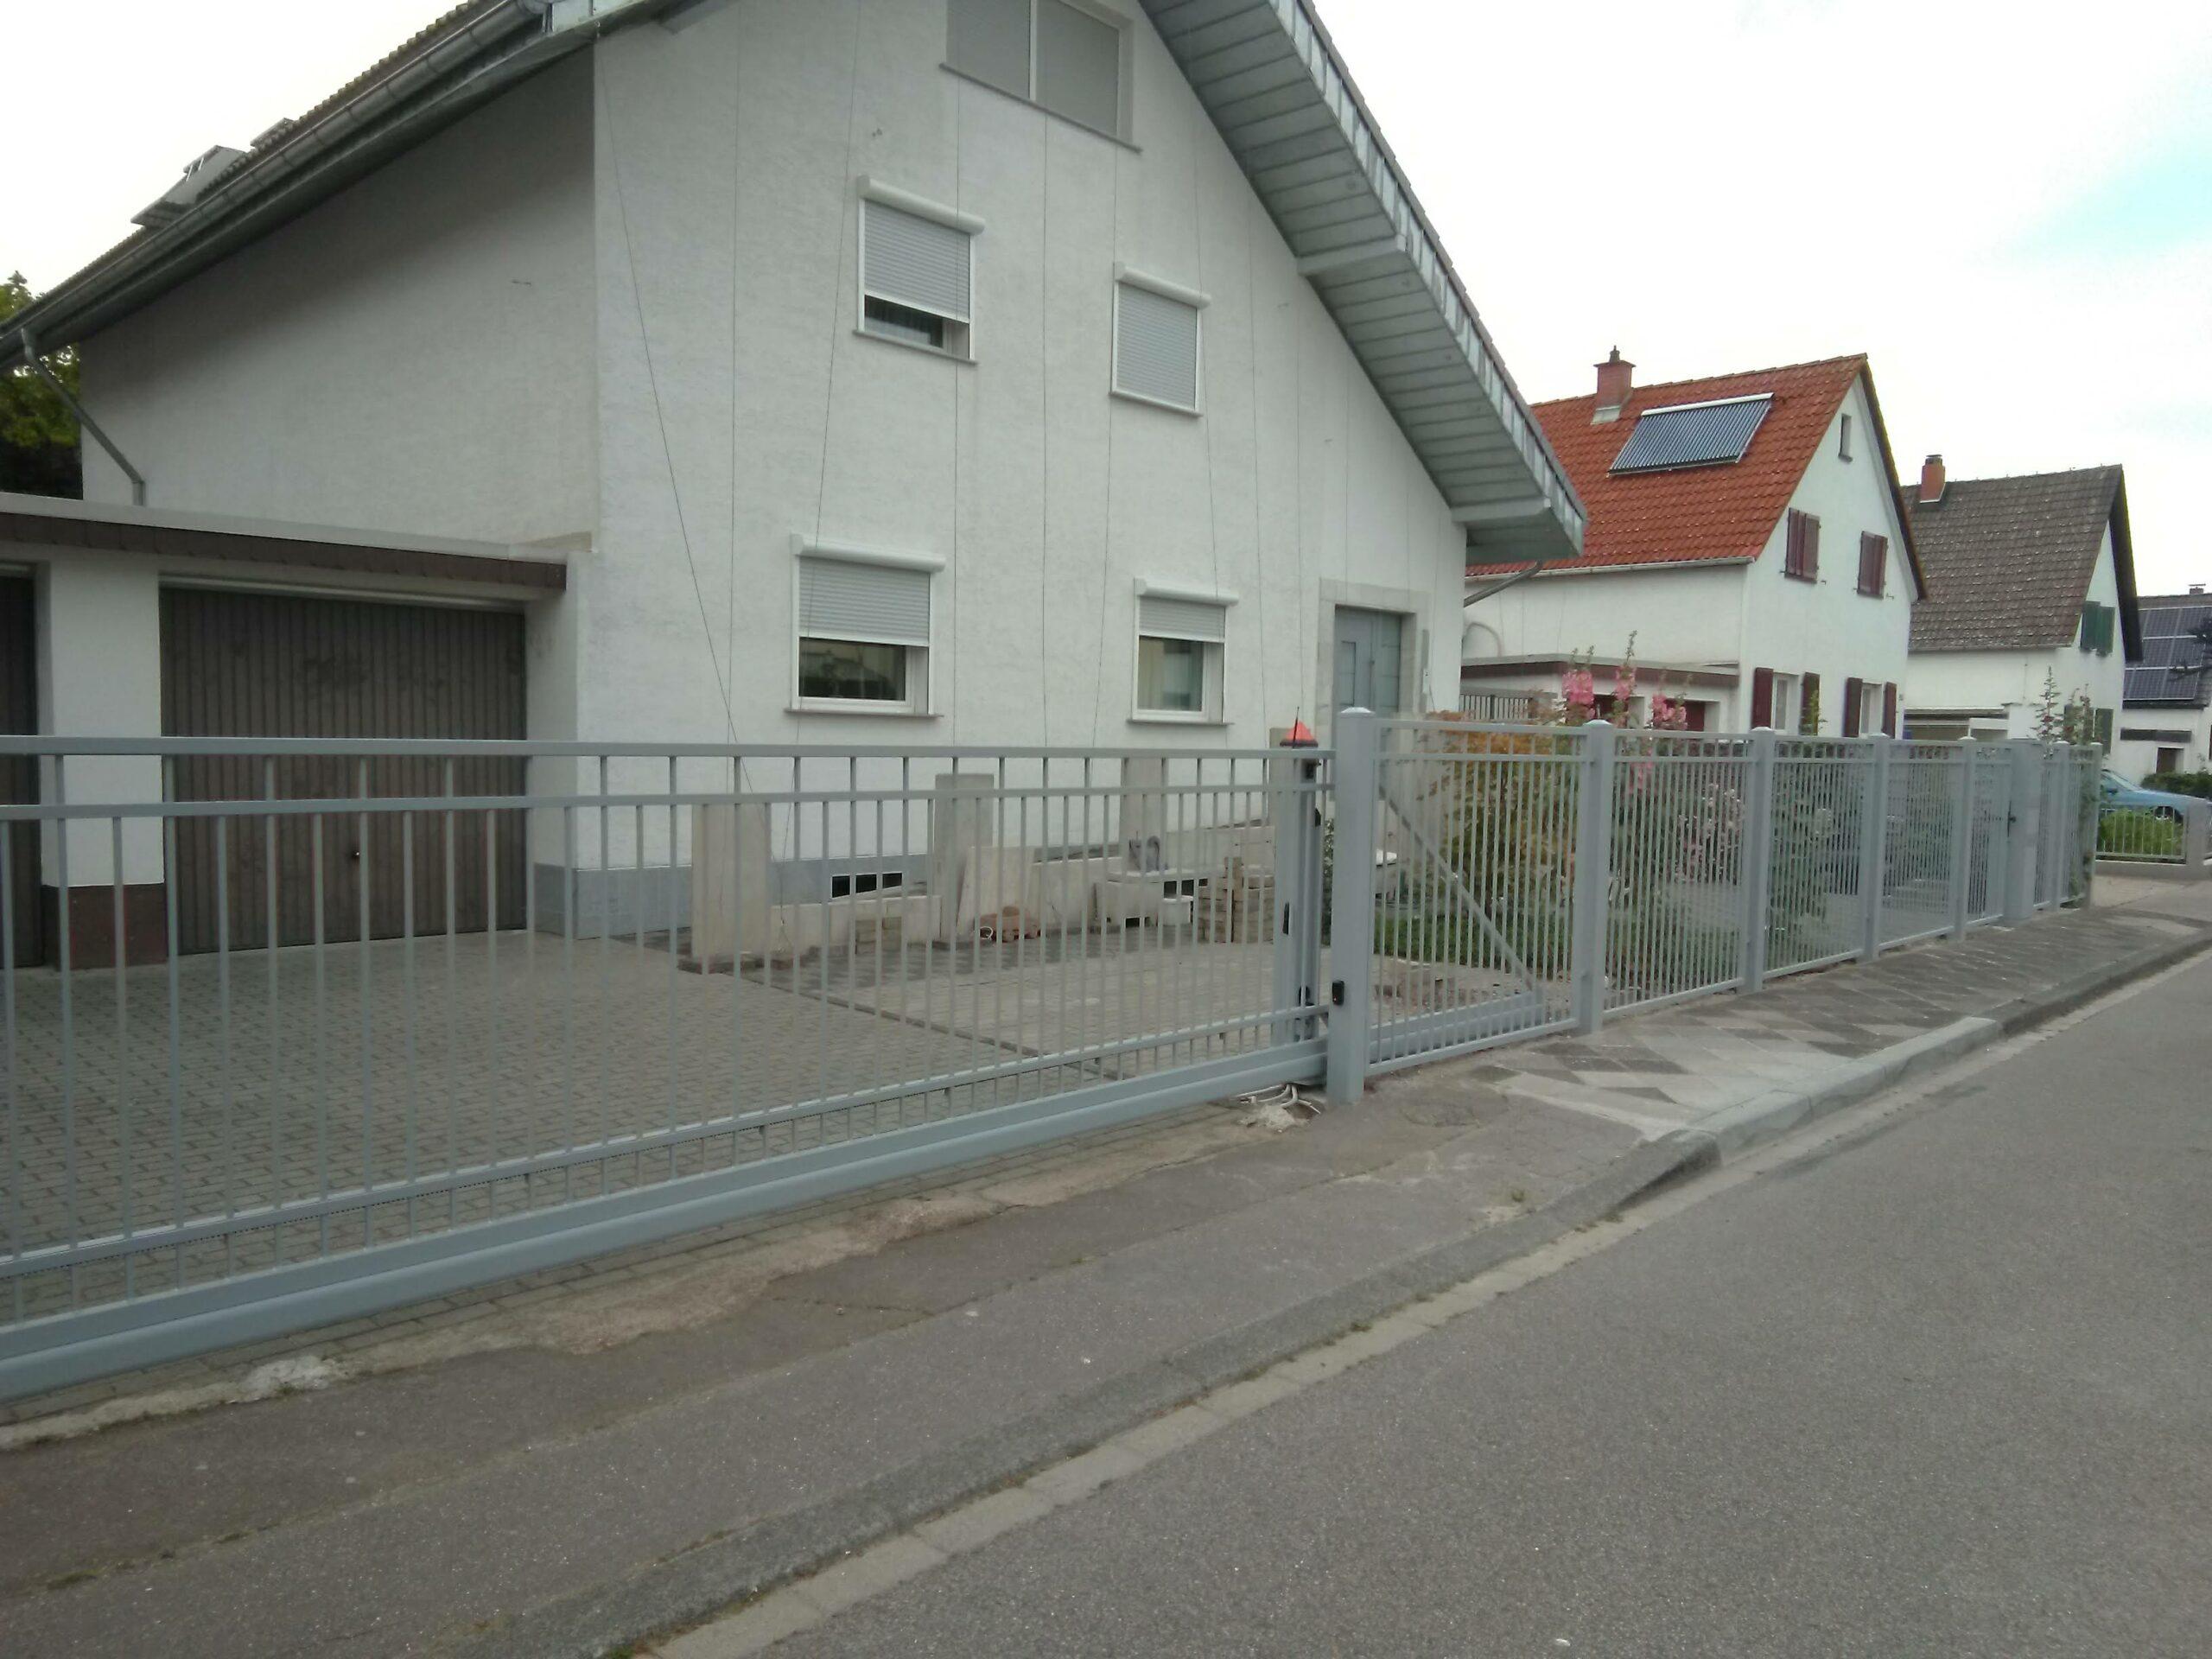 Tor und Zaunanlage - Mannheim - Eigene Scholle